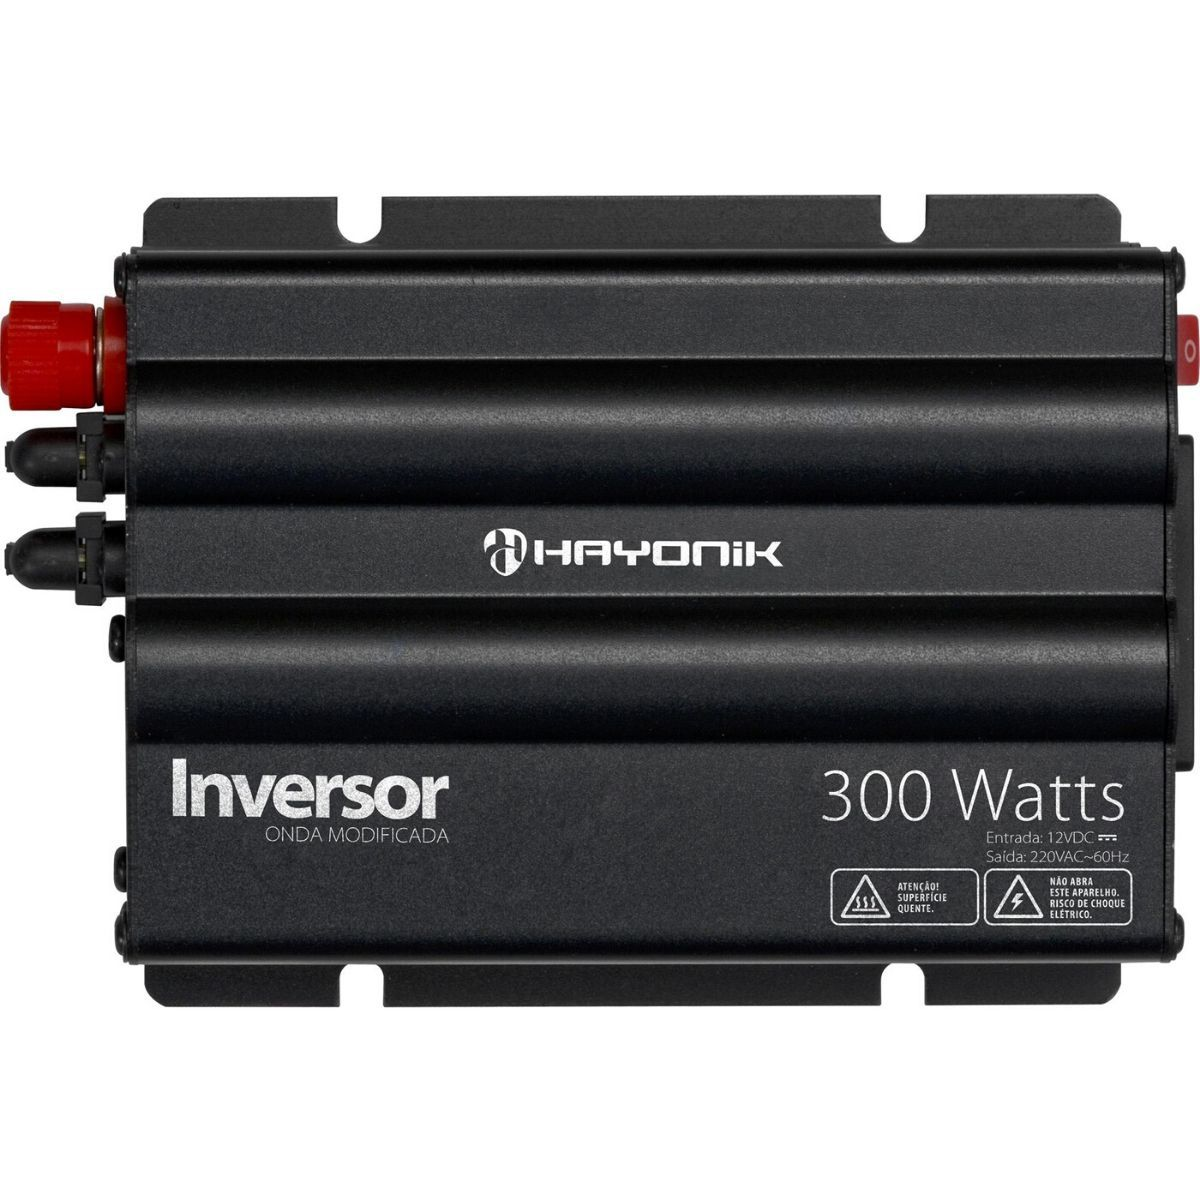 Inversor 300W 12VDC/220V Onda Modificada Cinza Escuro - HAYONIK